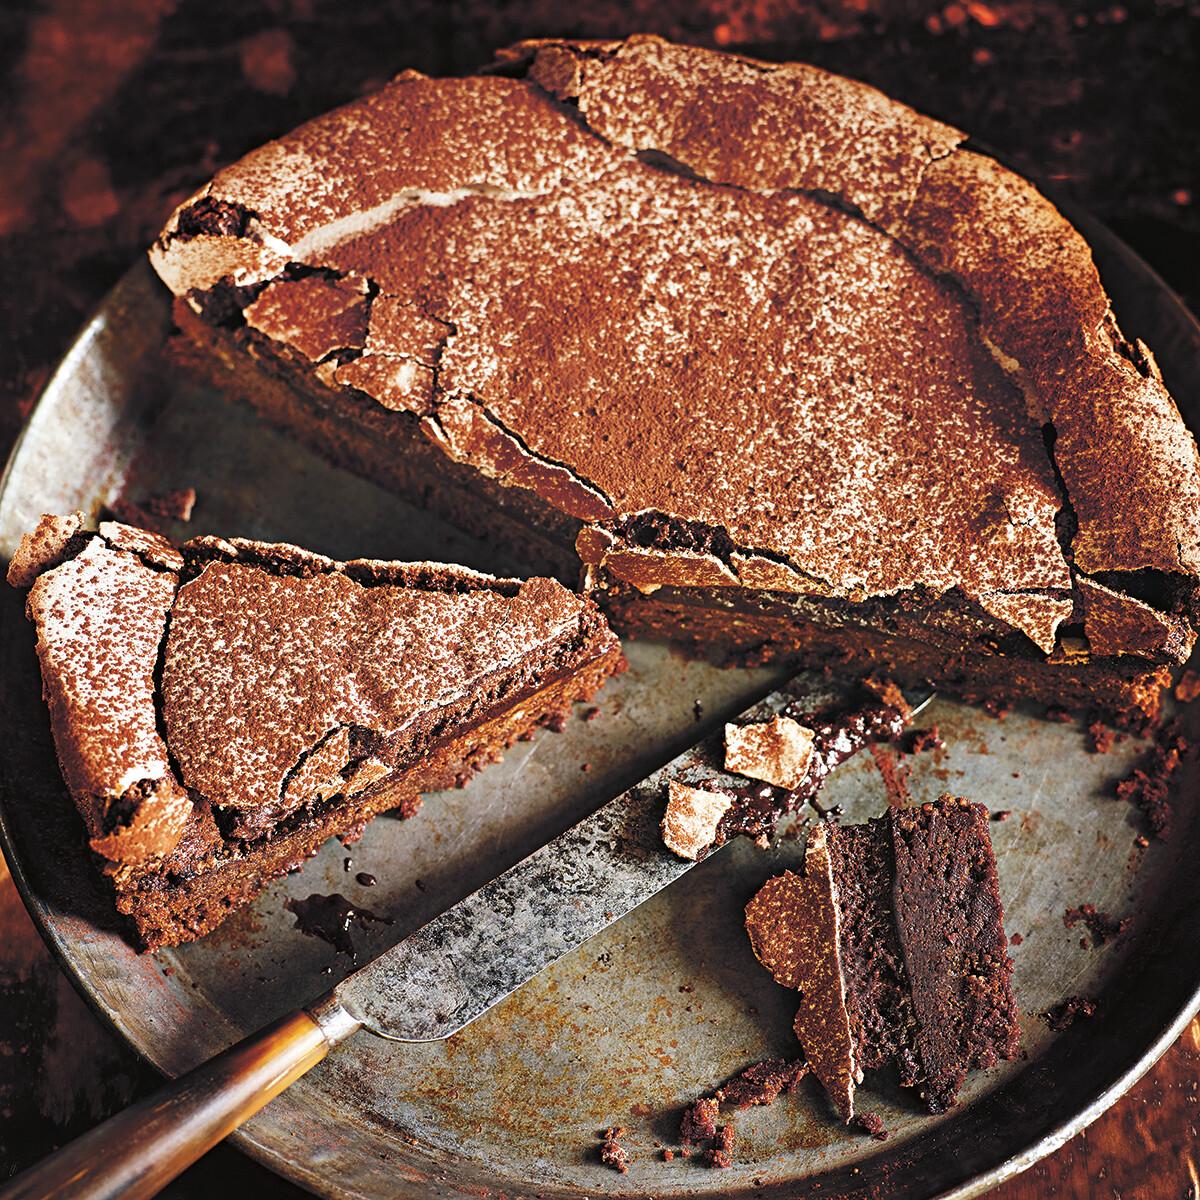 Rezept von Donna Hay: Schoko-Meringue-Kuchen • Valentinas-Kochbuch.de